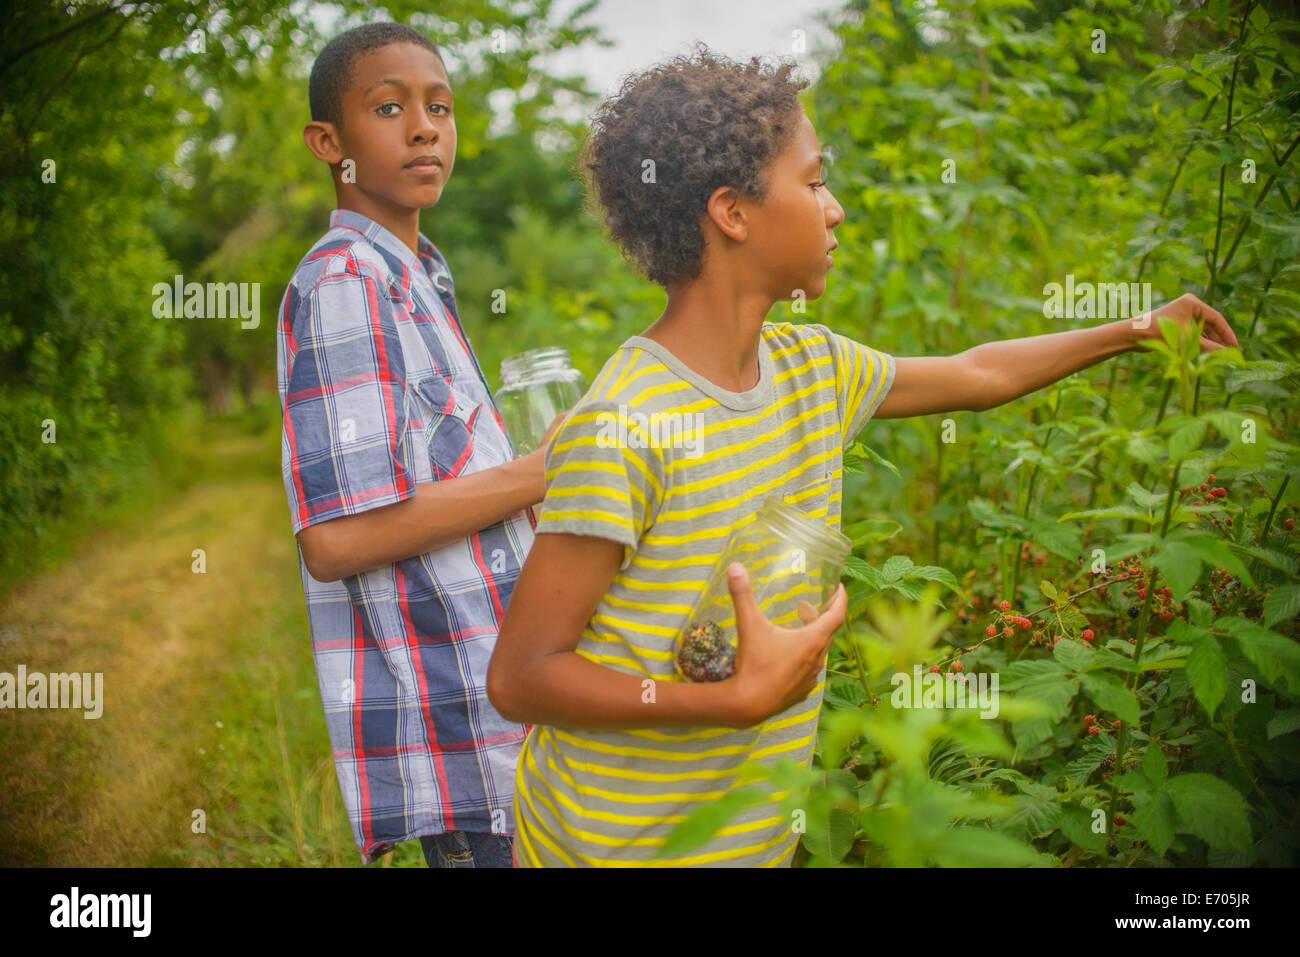 Les garçons cueillette Photo Stock